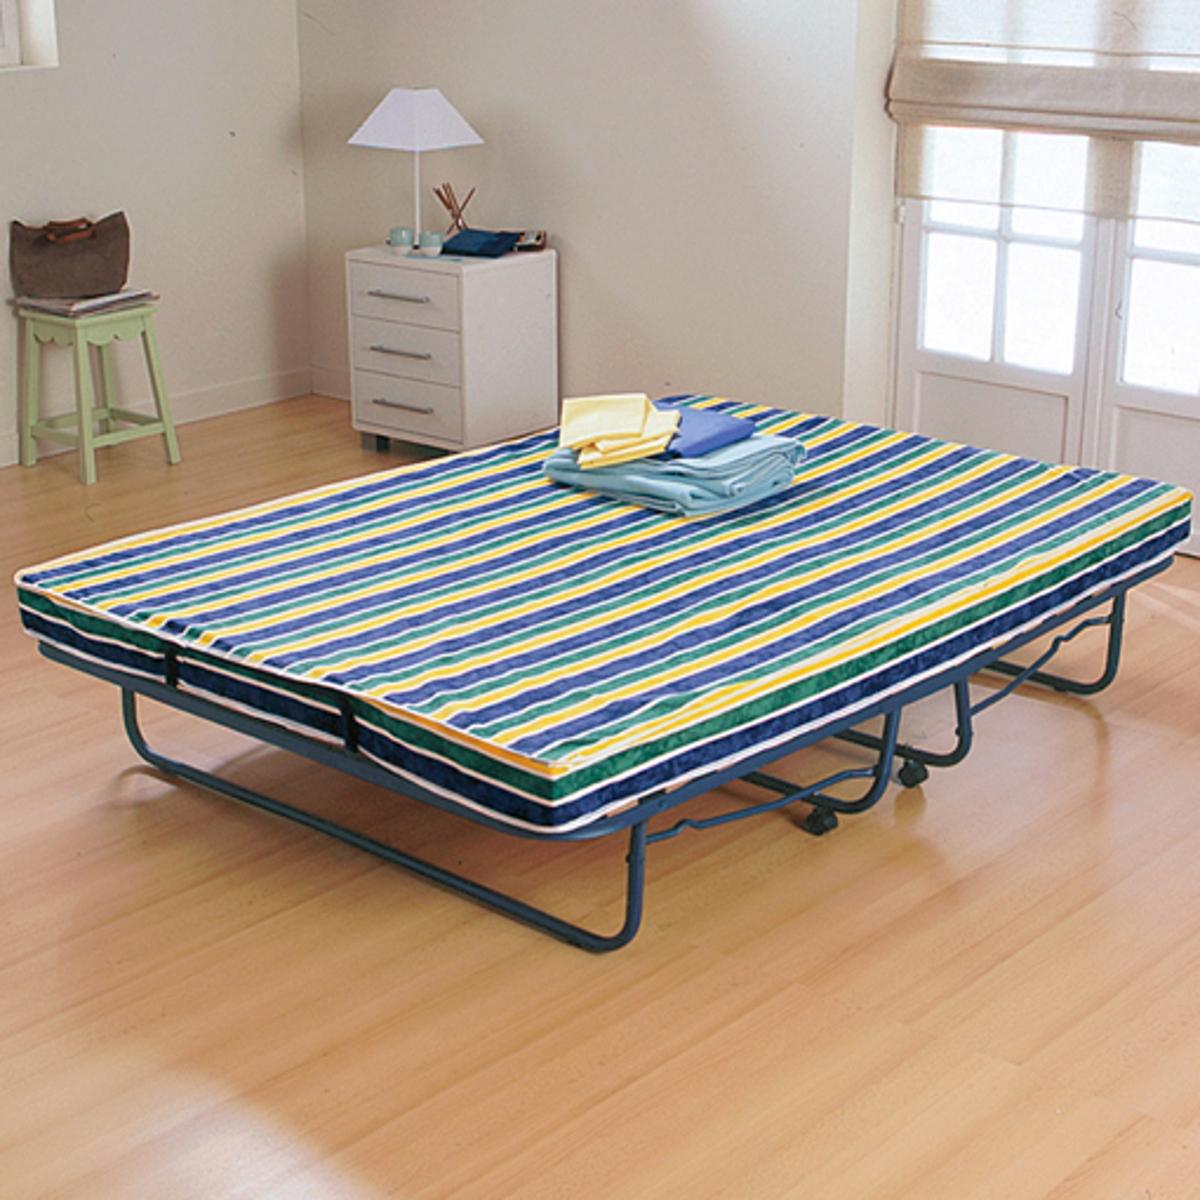 Cama plegable + somier de láminas + colchón equilibrado